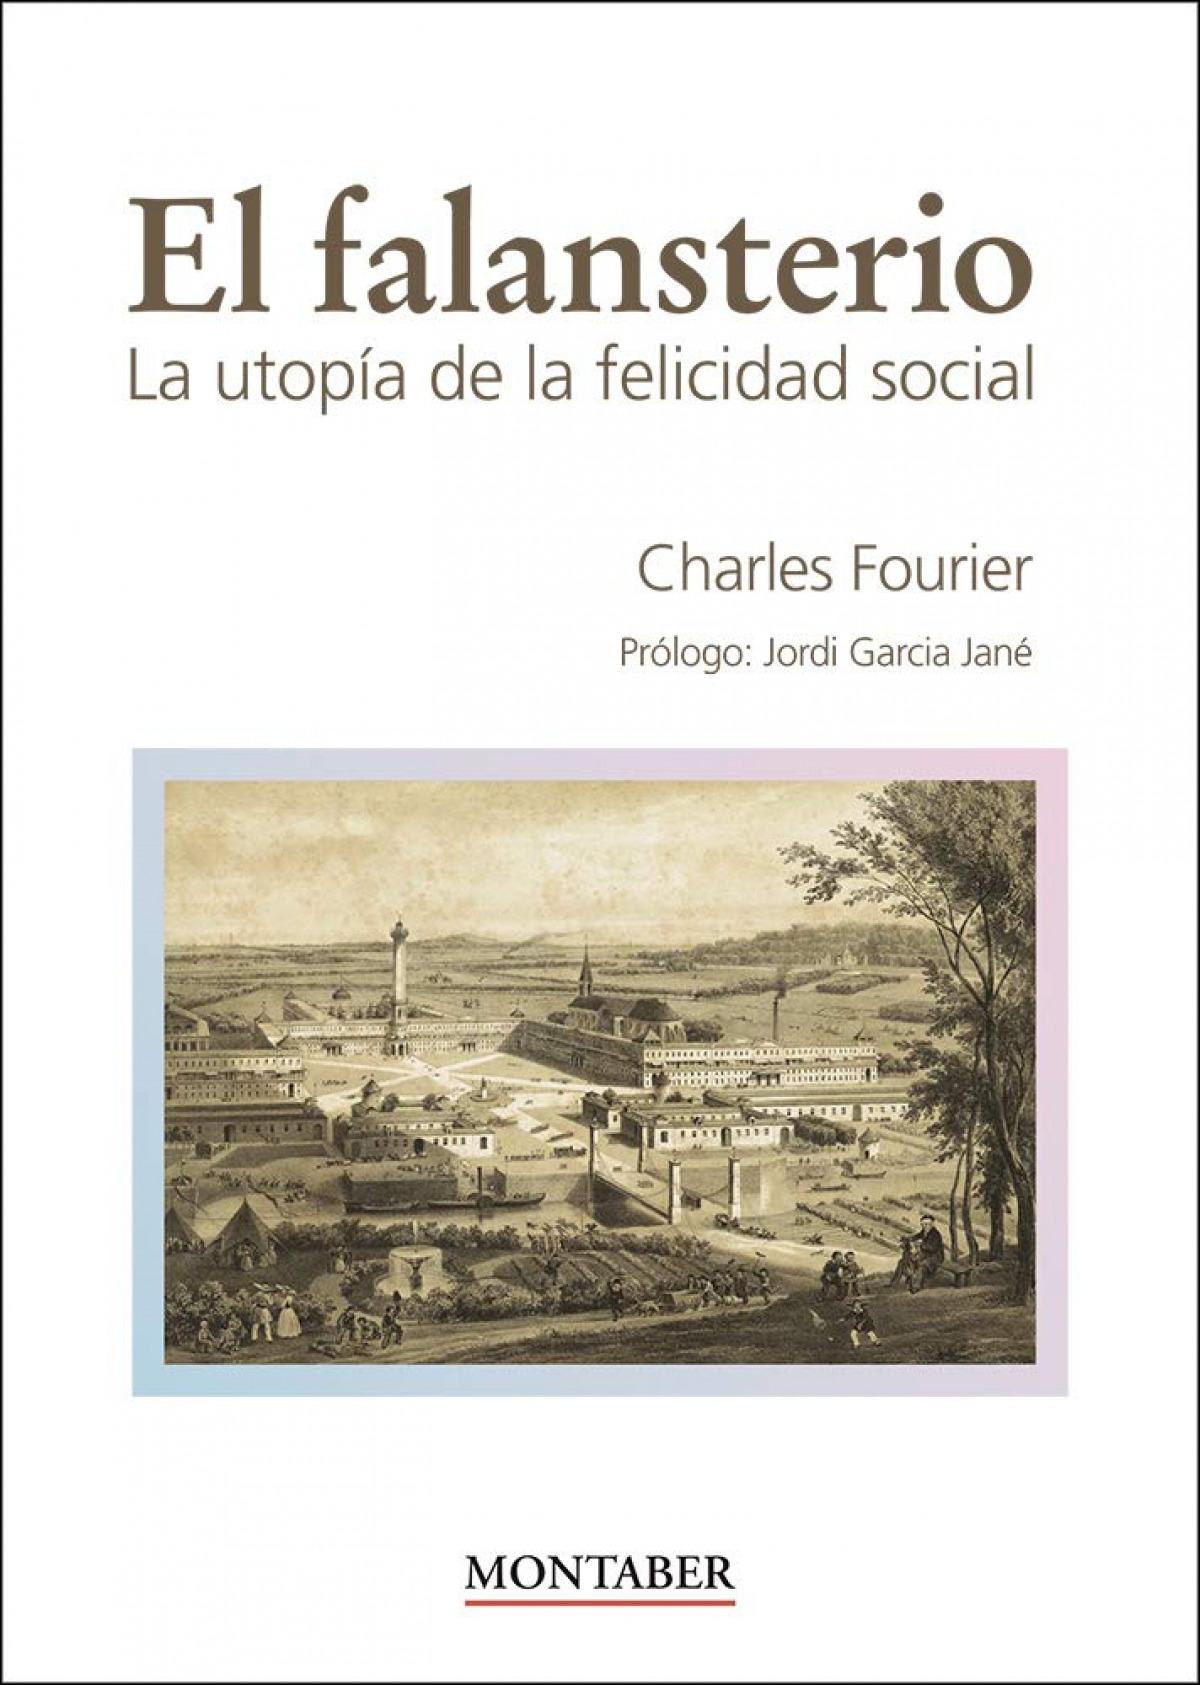 FALANSTERIO,EL